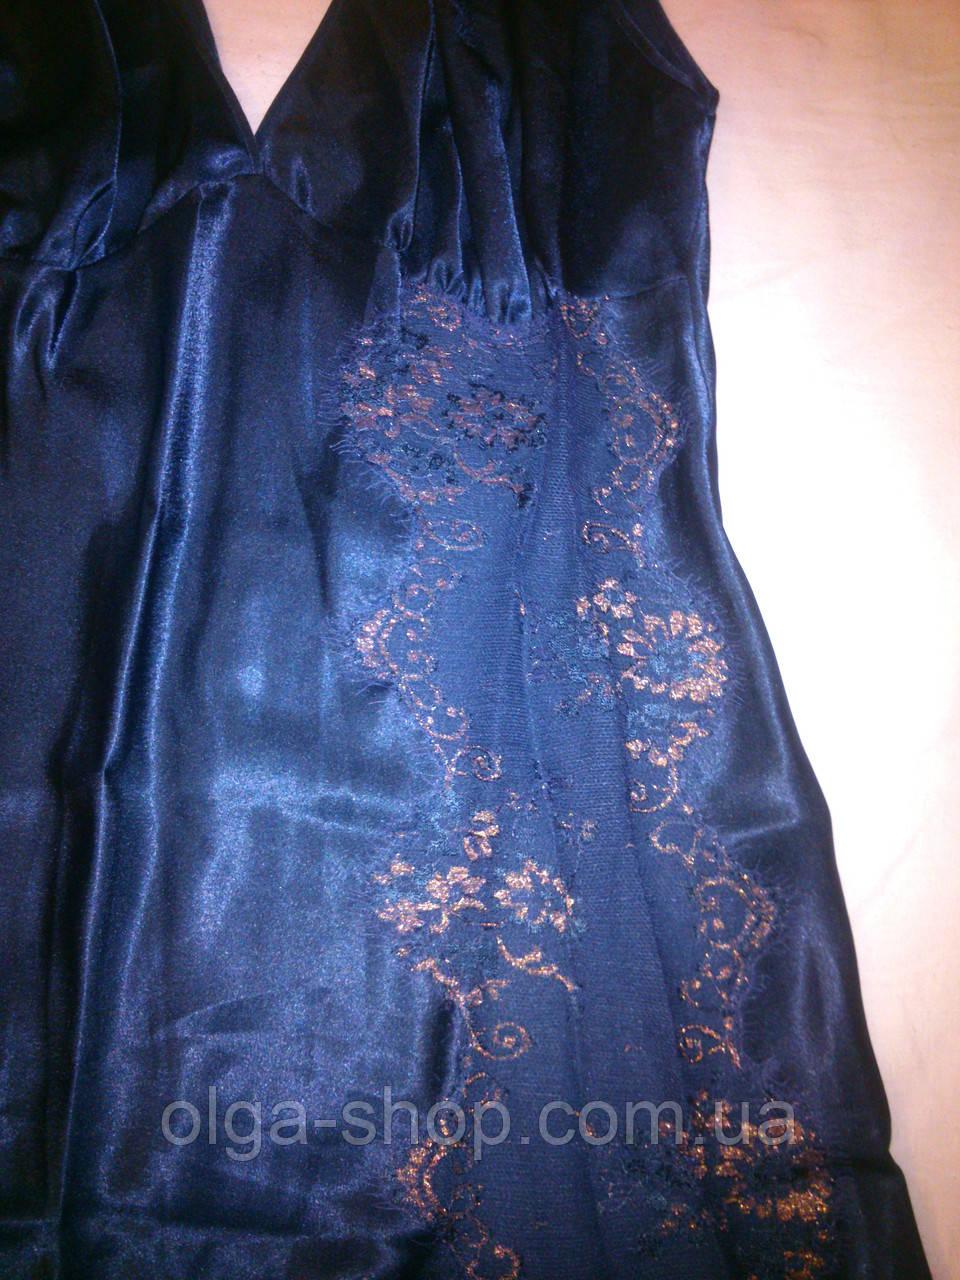 09780edcee8 ... Сорочка ночная рубашка женская шелковая синяя длинная Coemi 151 659